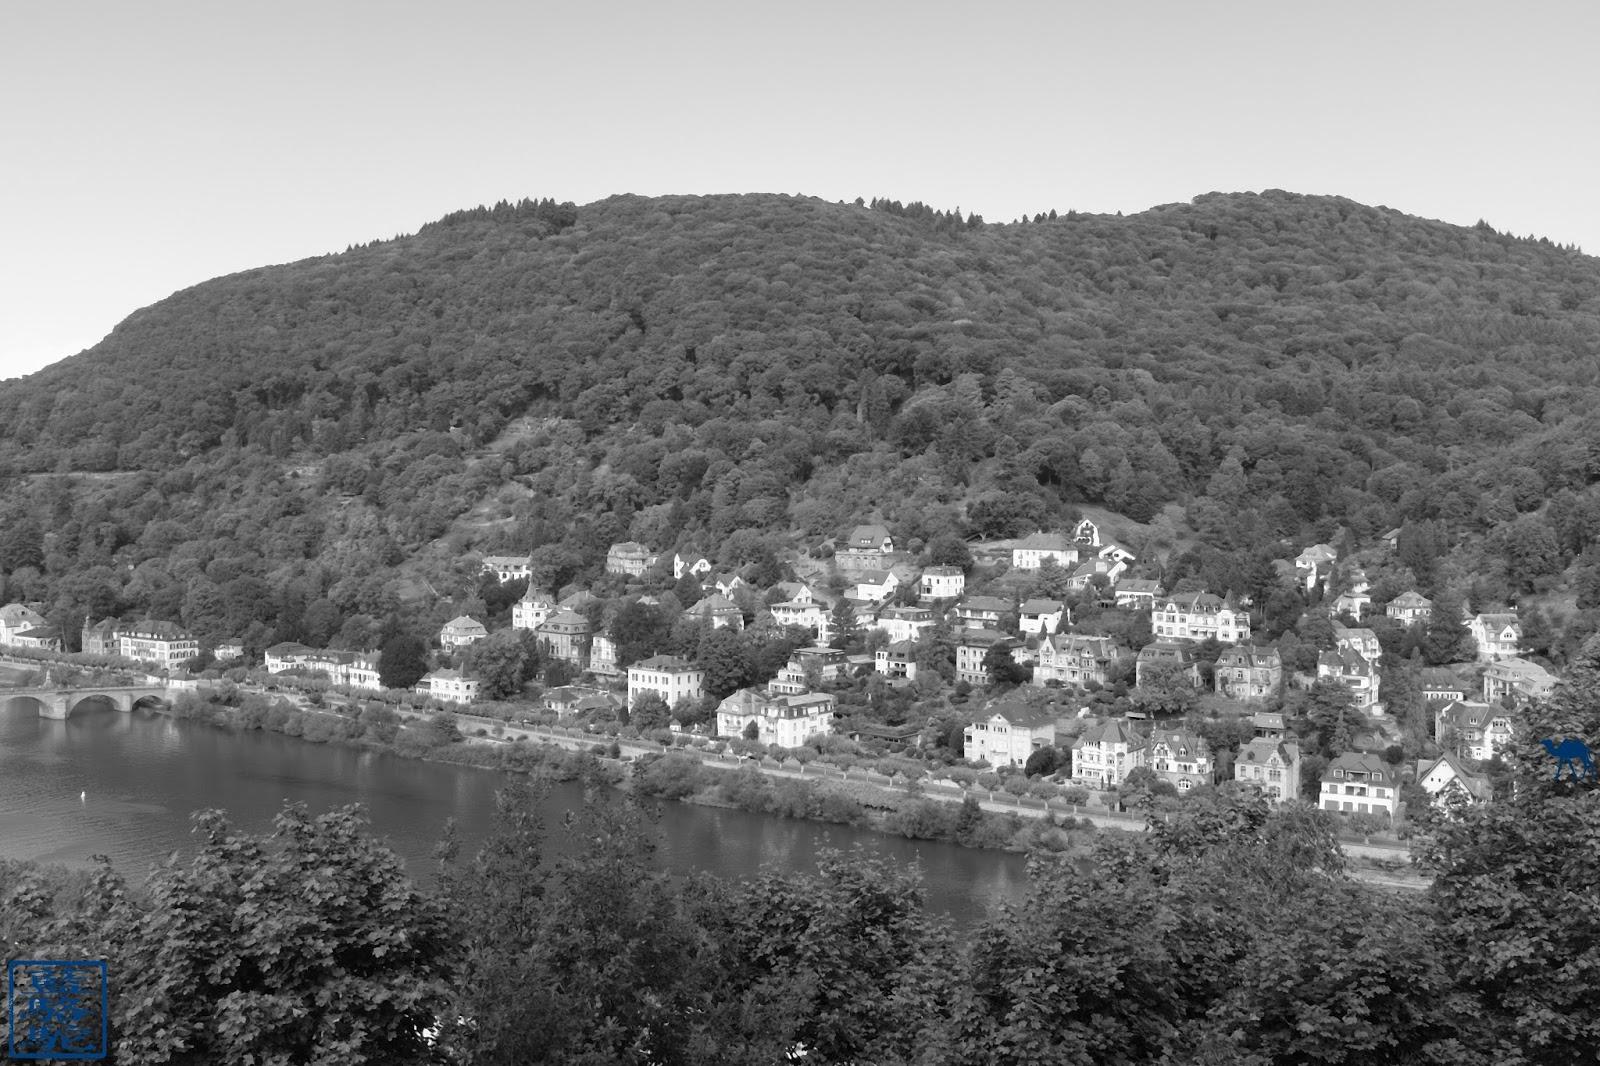 Le Chameau Bleu -  Blog Voyage Heildeberg Allemagne - Paysage de  Heidelberg